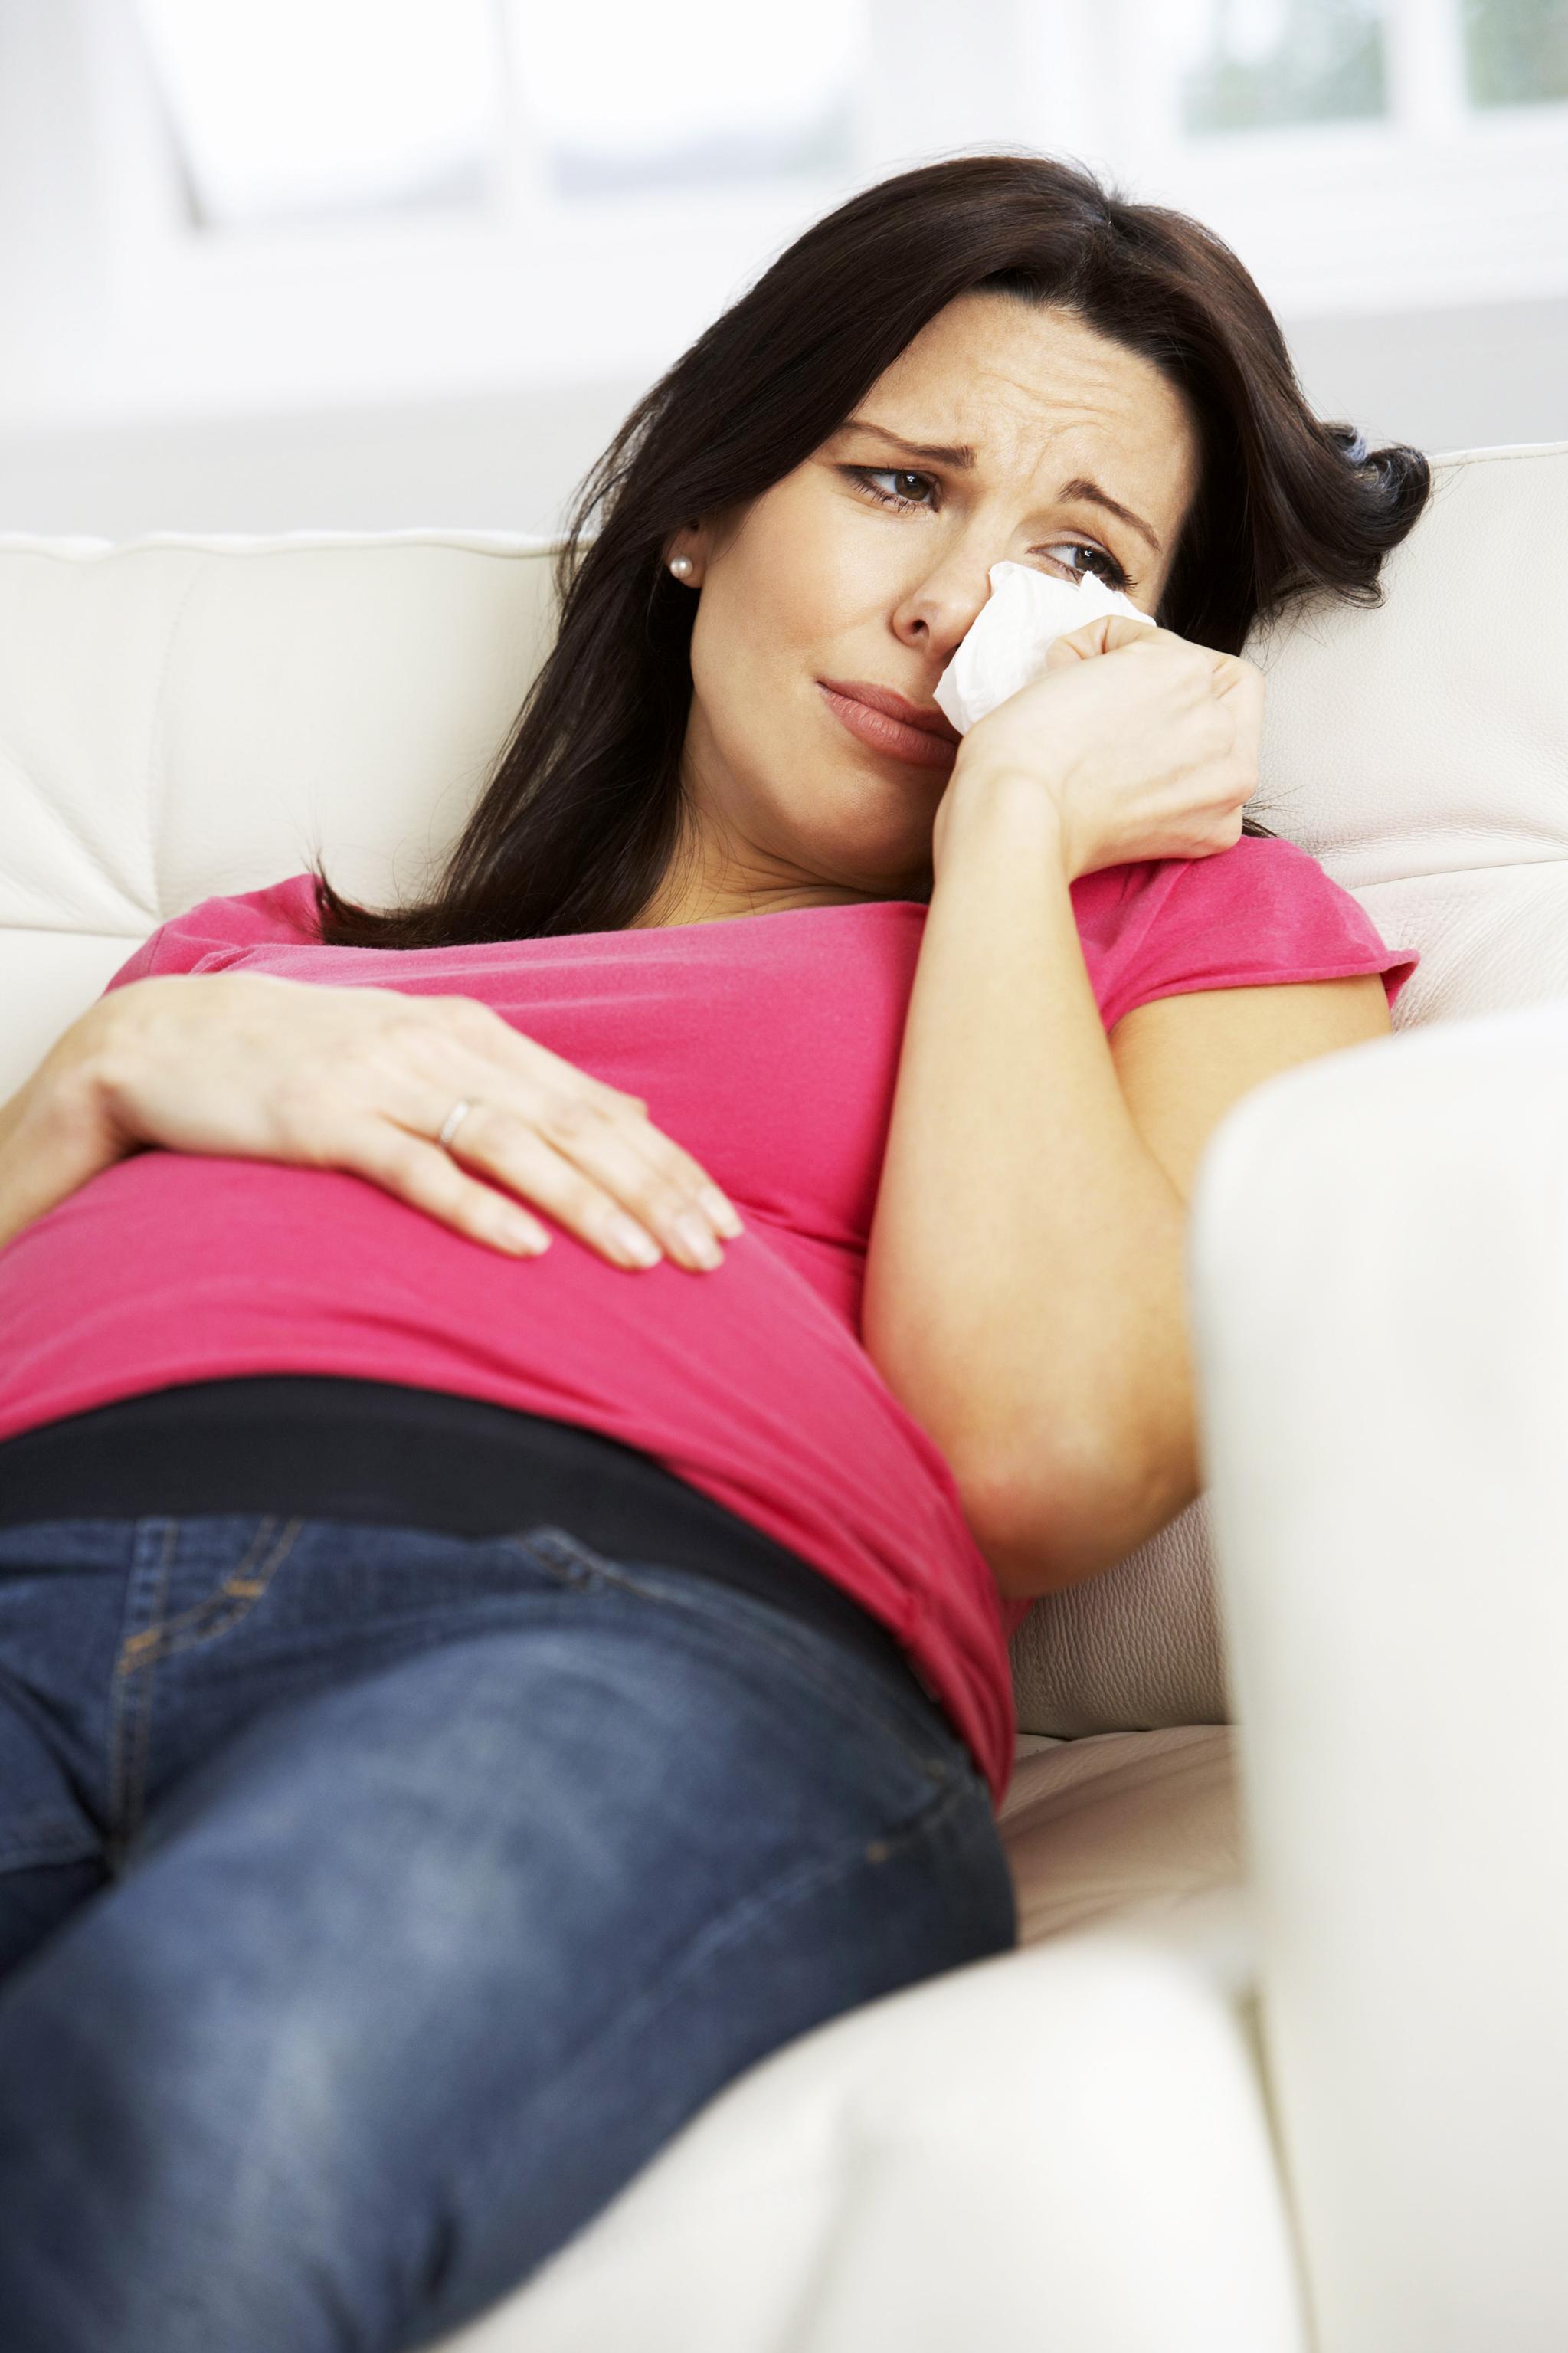 Основные страхи беременных: откуда берутся и как избавиться